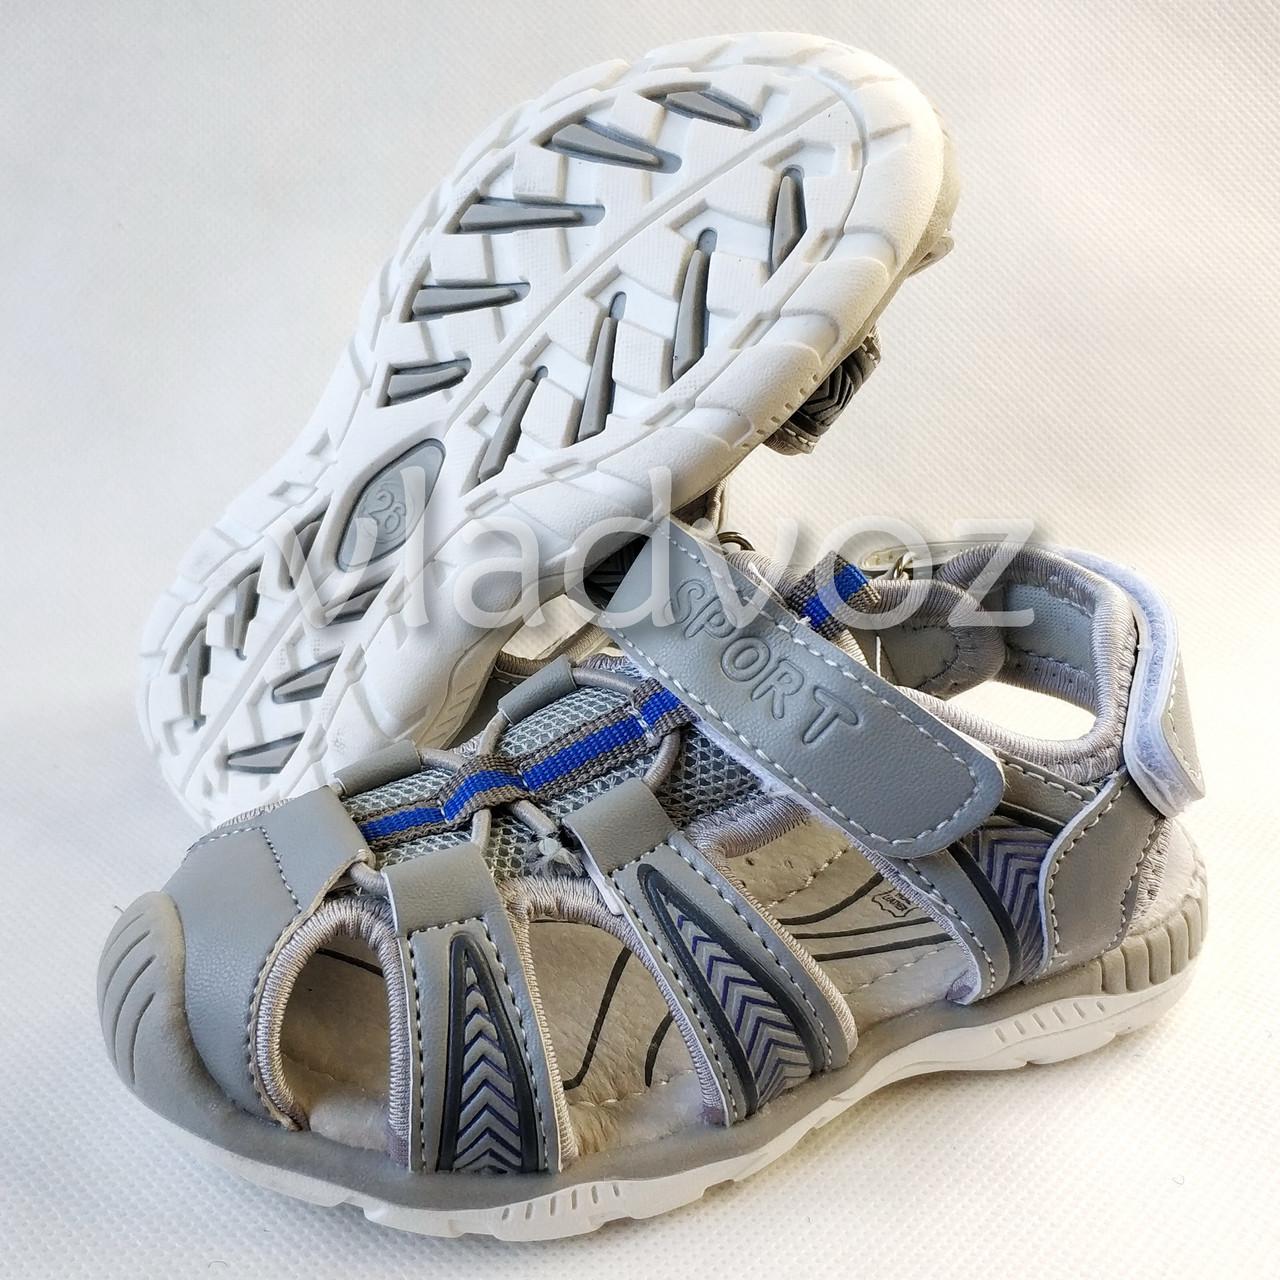 Босоножки сандалии для мальчика на мальчиков мальчику Tom.M серые Спорт